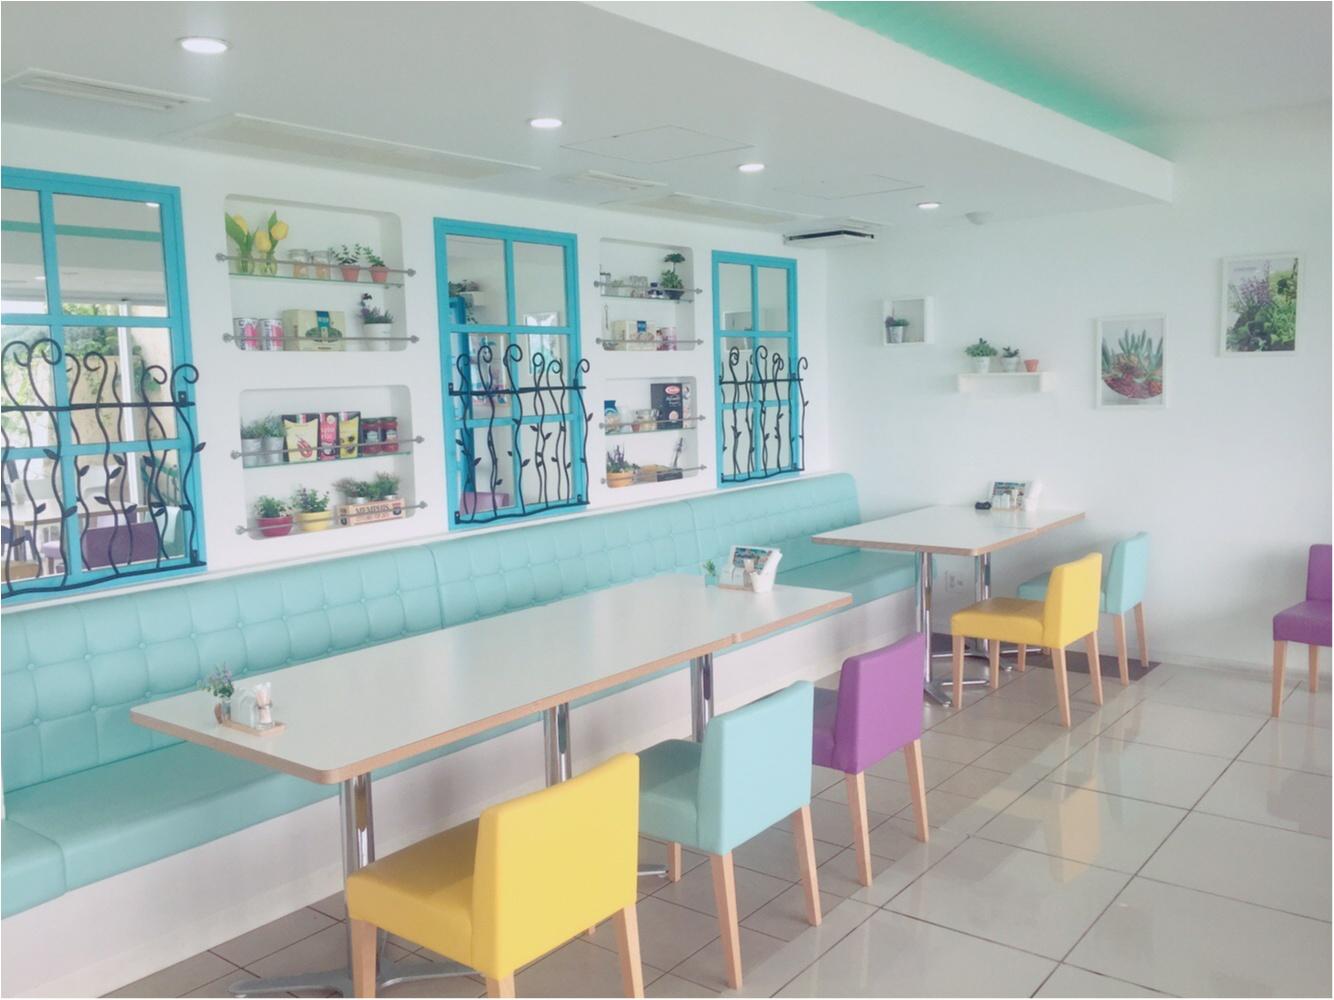 【沖縄女子旅】このドリンクがイチオシ!沖縄カフェの大定番♡ダイヤモンドブルーカフェ_4